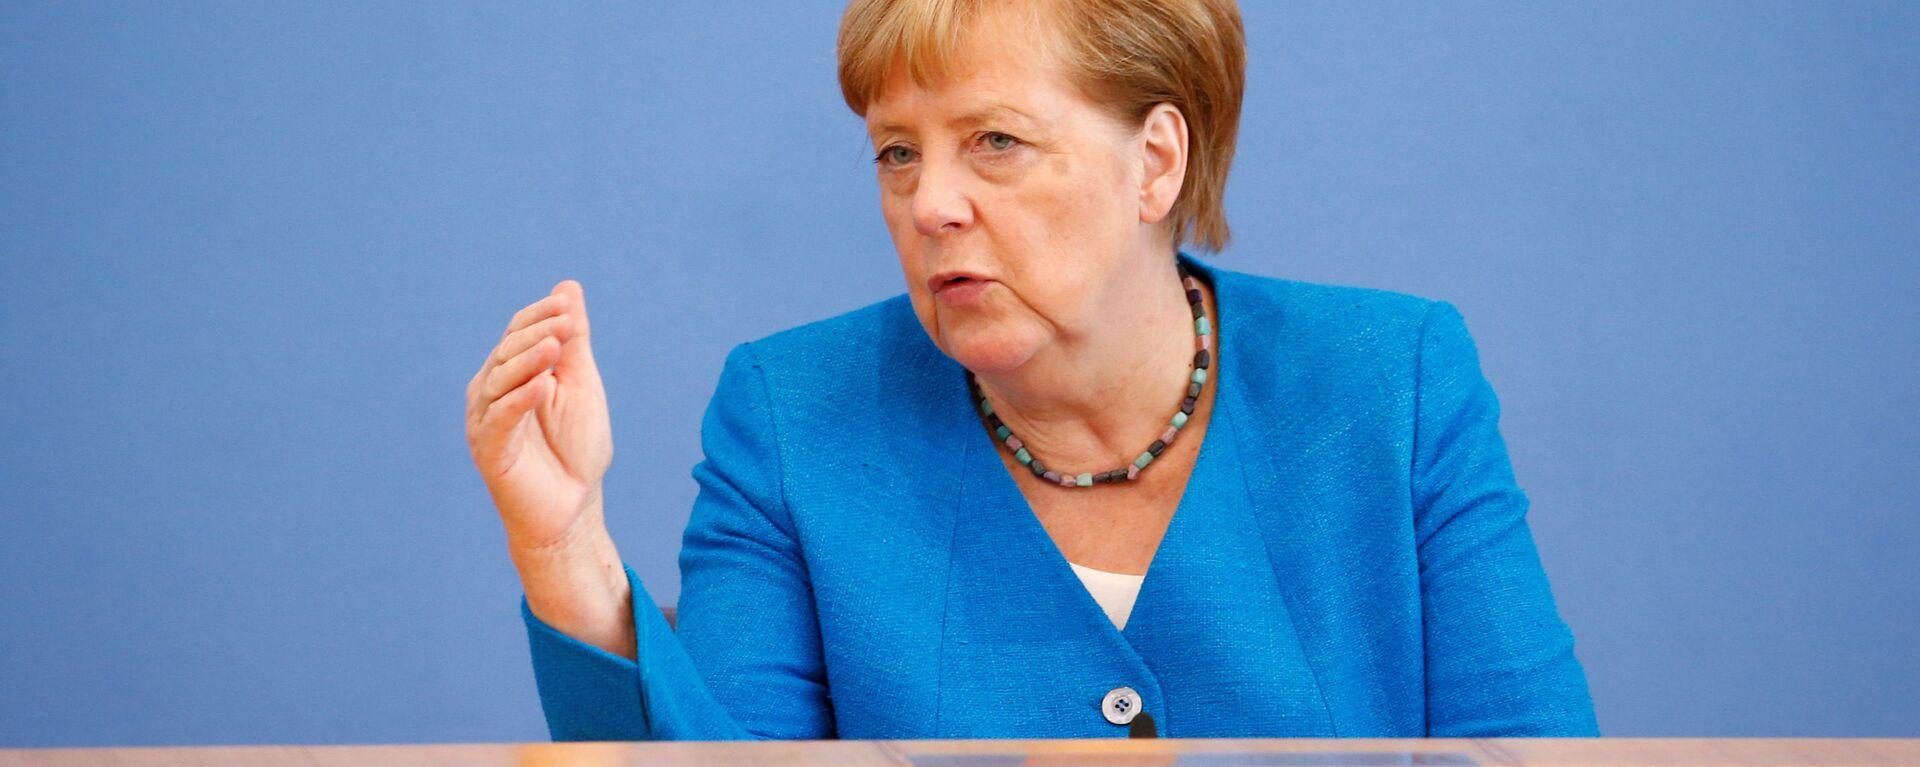 Ангела Меркель - Sputnik Грузия, 1920, 02.09.2020